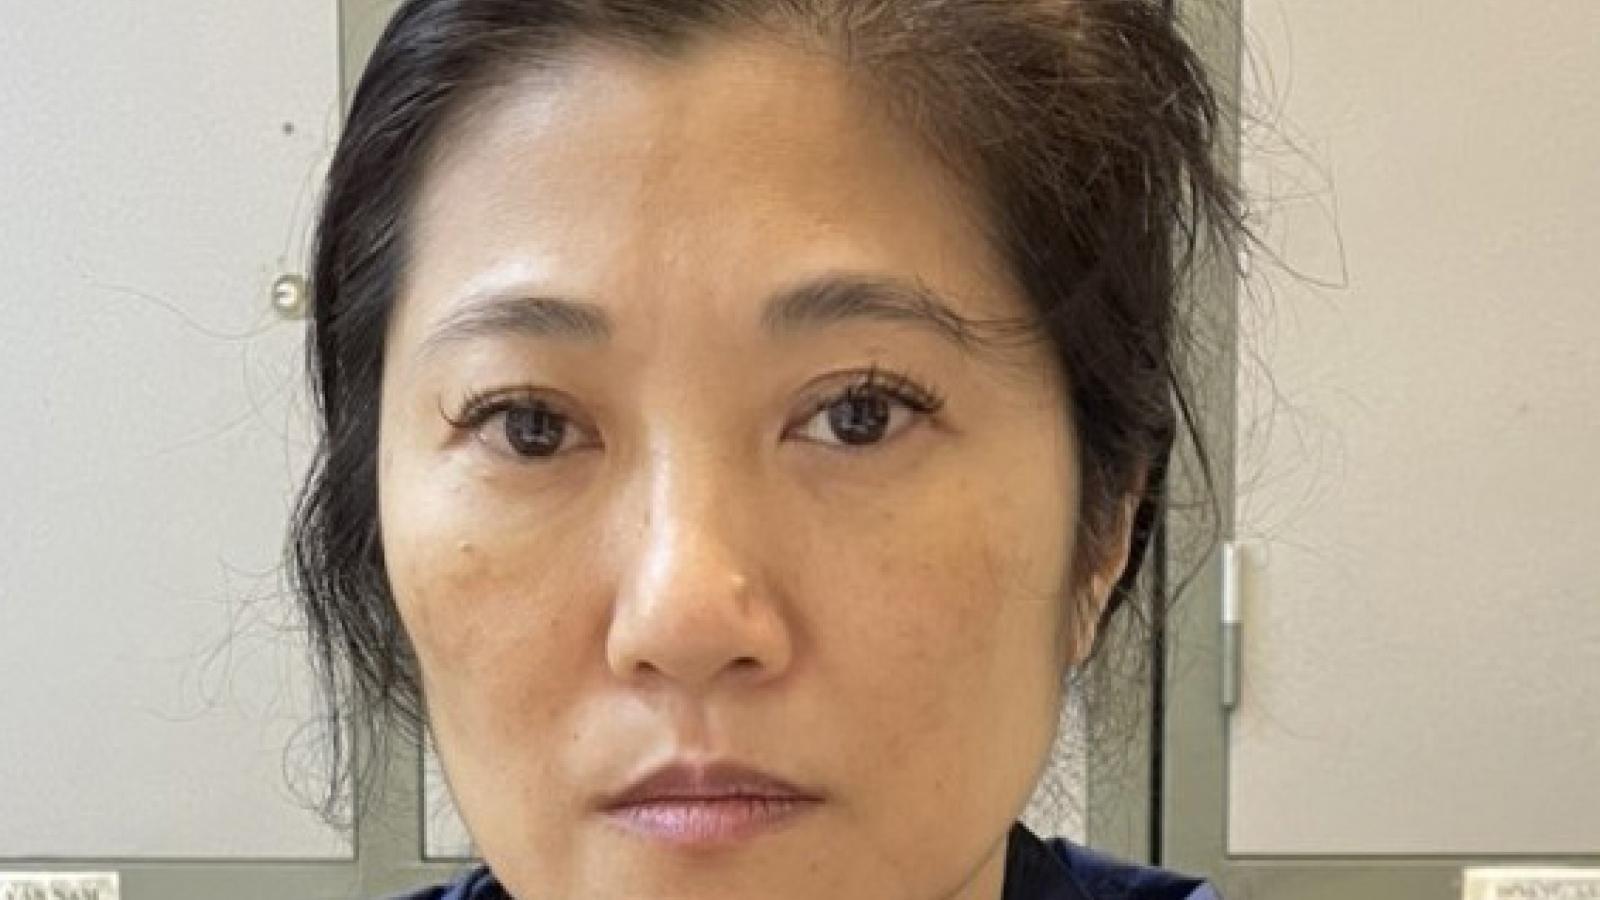 Bộ Công an bắt người phụ nữ giả mạo chức vụ để lừa đảo